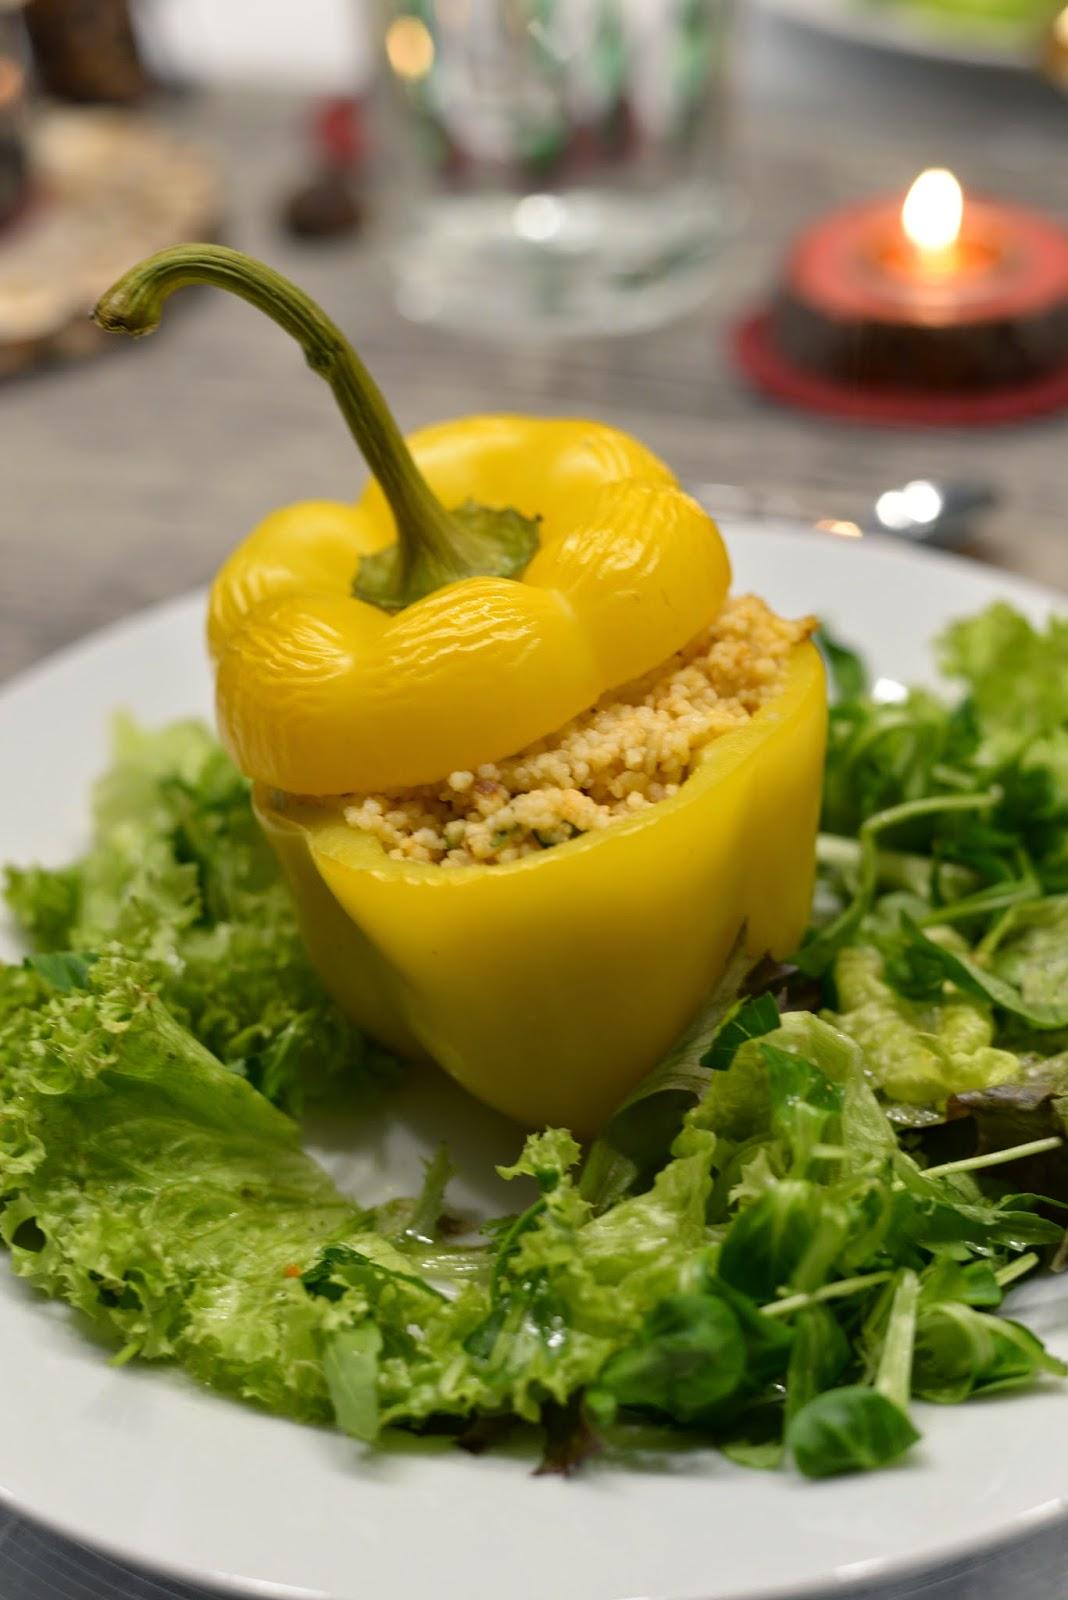 gefüllter Paprika, Paprika, Maroni, Couscous, Hauptspeise, Gemüse, Salat, weihnachtsdinner, vegan, veganes dinner, weihnachten, advent, winter